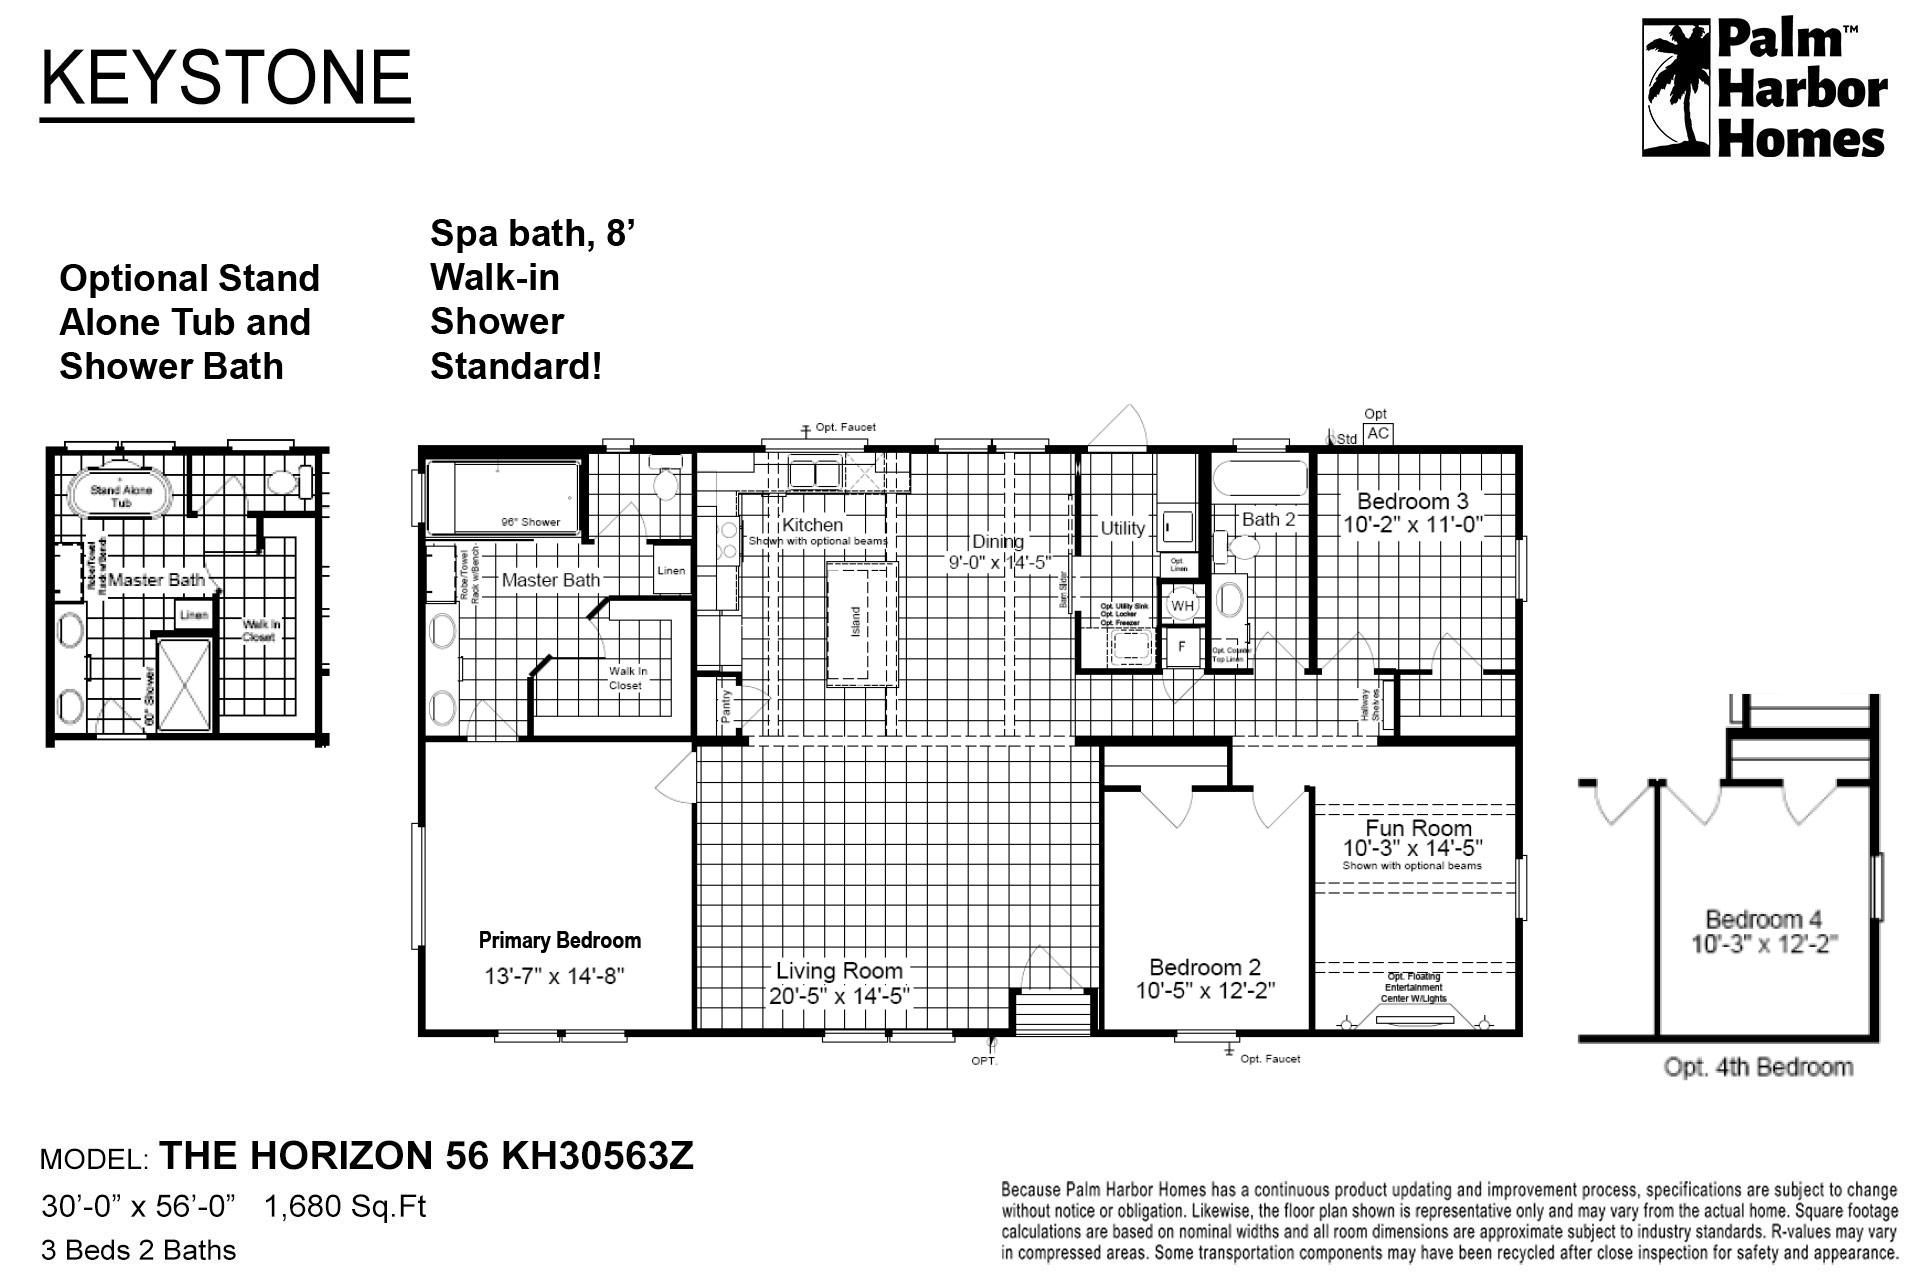 Keystone The Horizon 56 KH30563Z Layout